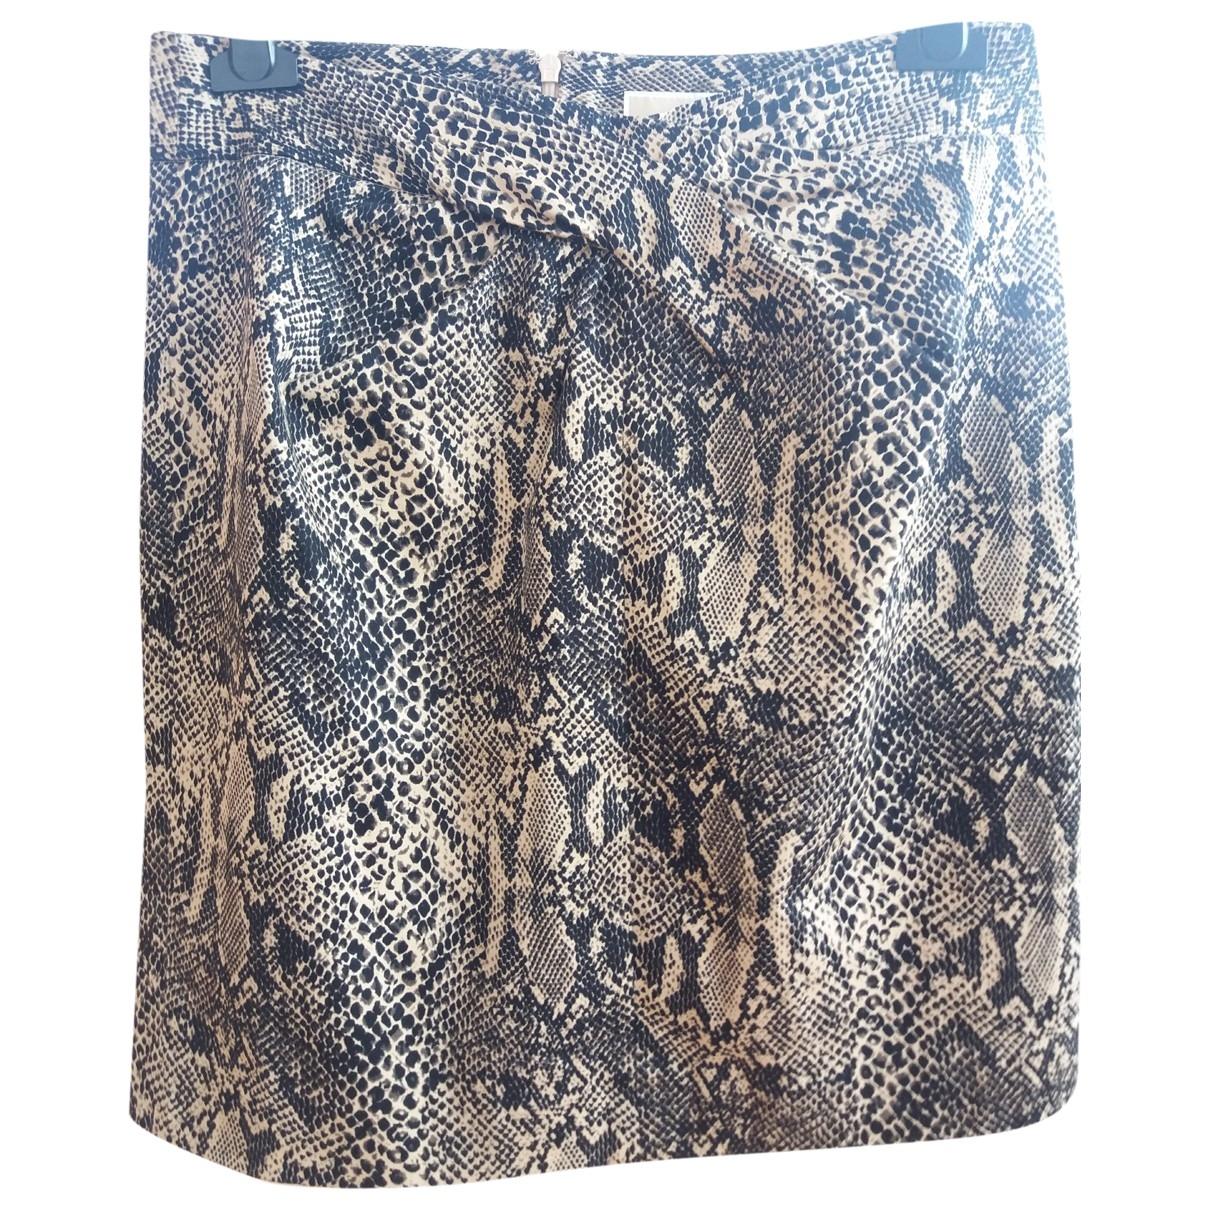 Michael Kors \N Cotton skirt for Women 8 US